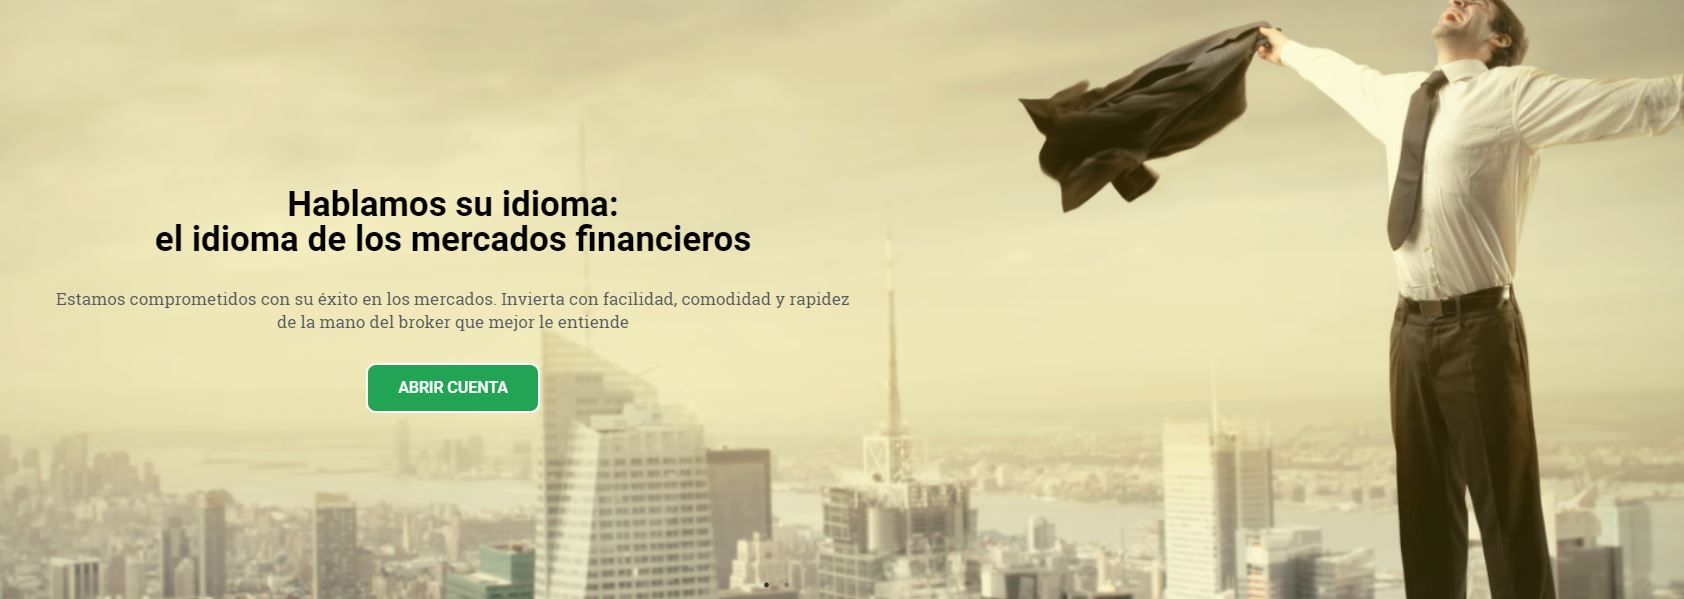 Ganar confianza en el mercado financiero con Hispamarkets: el broker que habla el idioma de todos